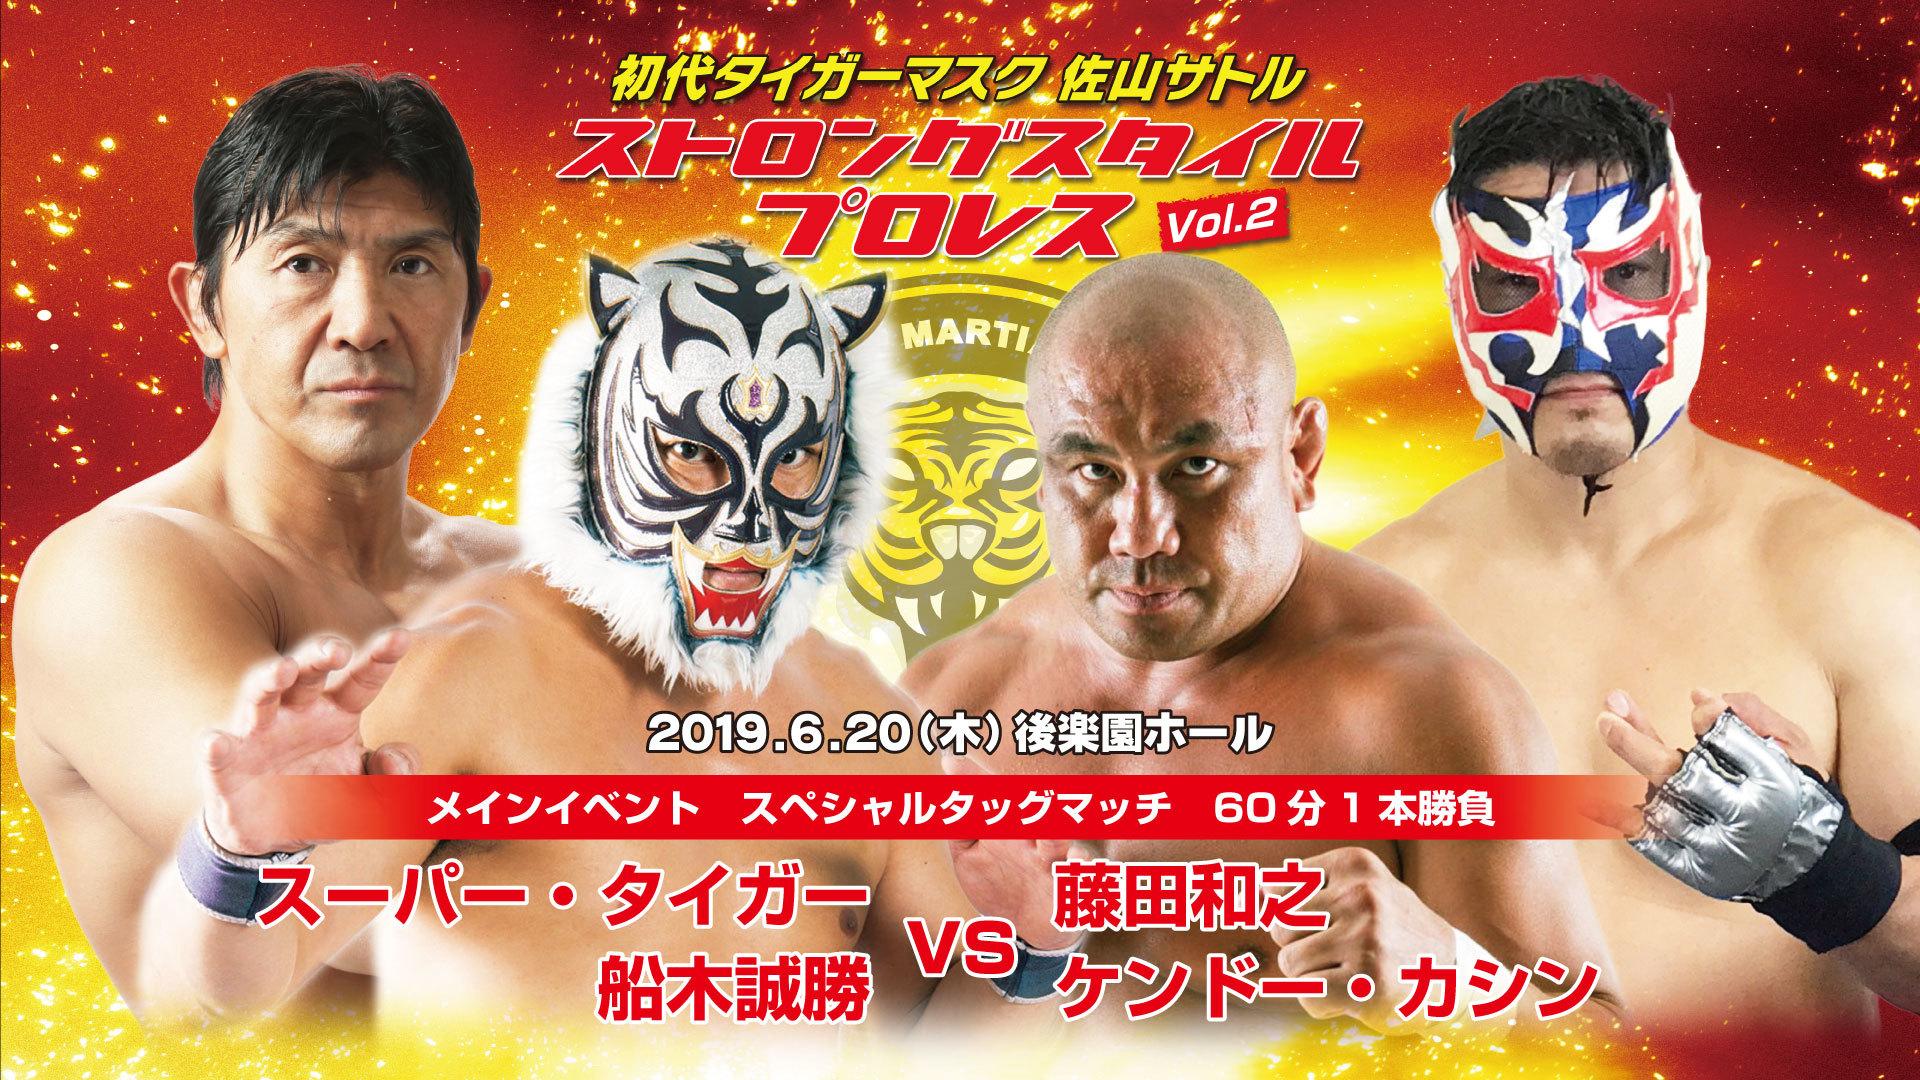 メインはスーパータイガー&船木誠勝vs藤田和之&ケンドー・カンシのタッグ戦となる